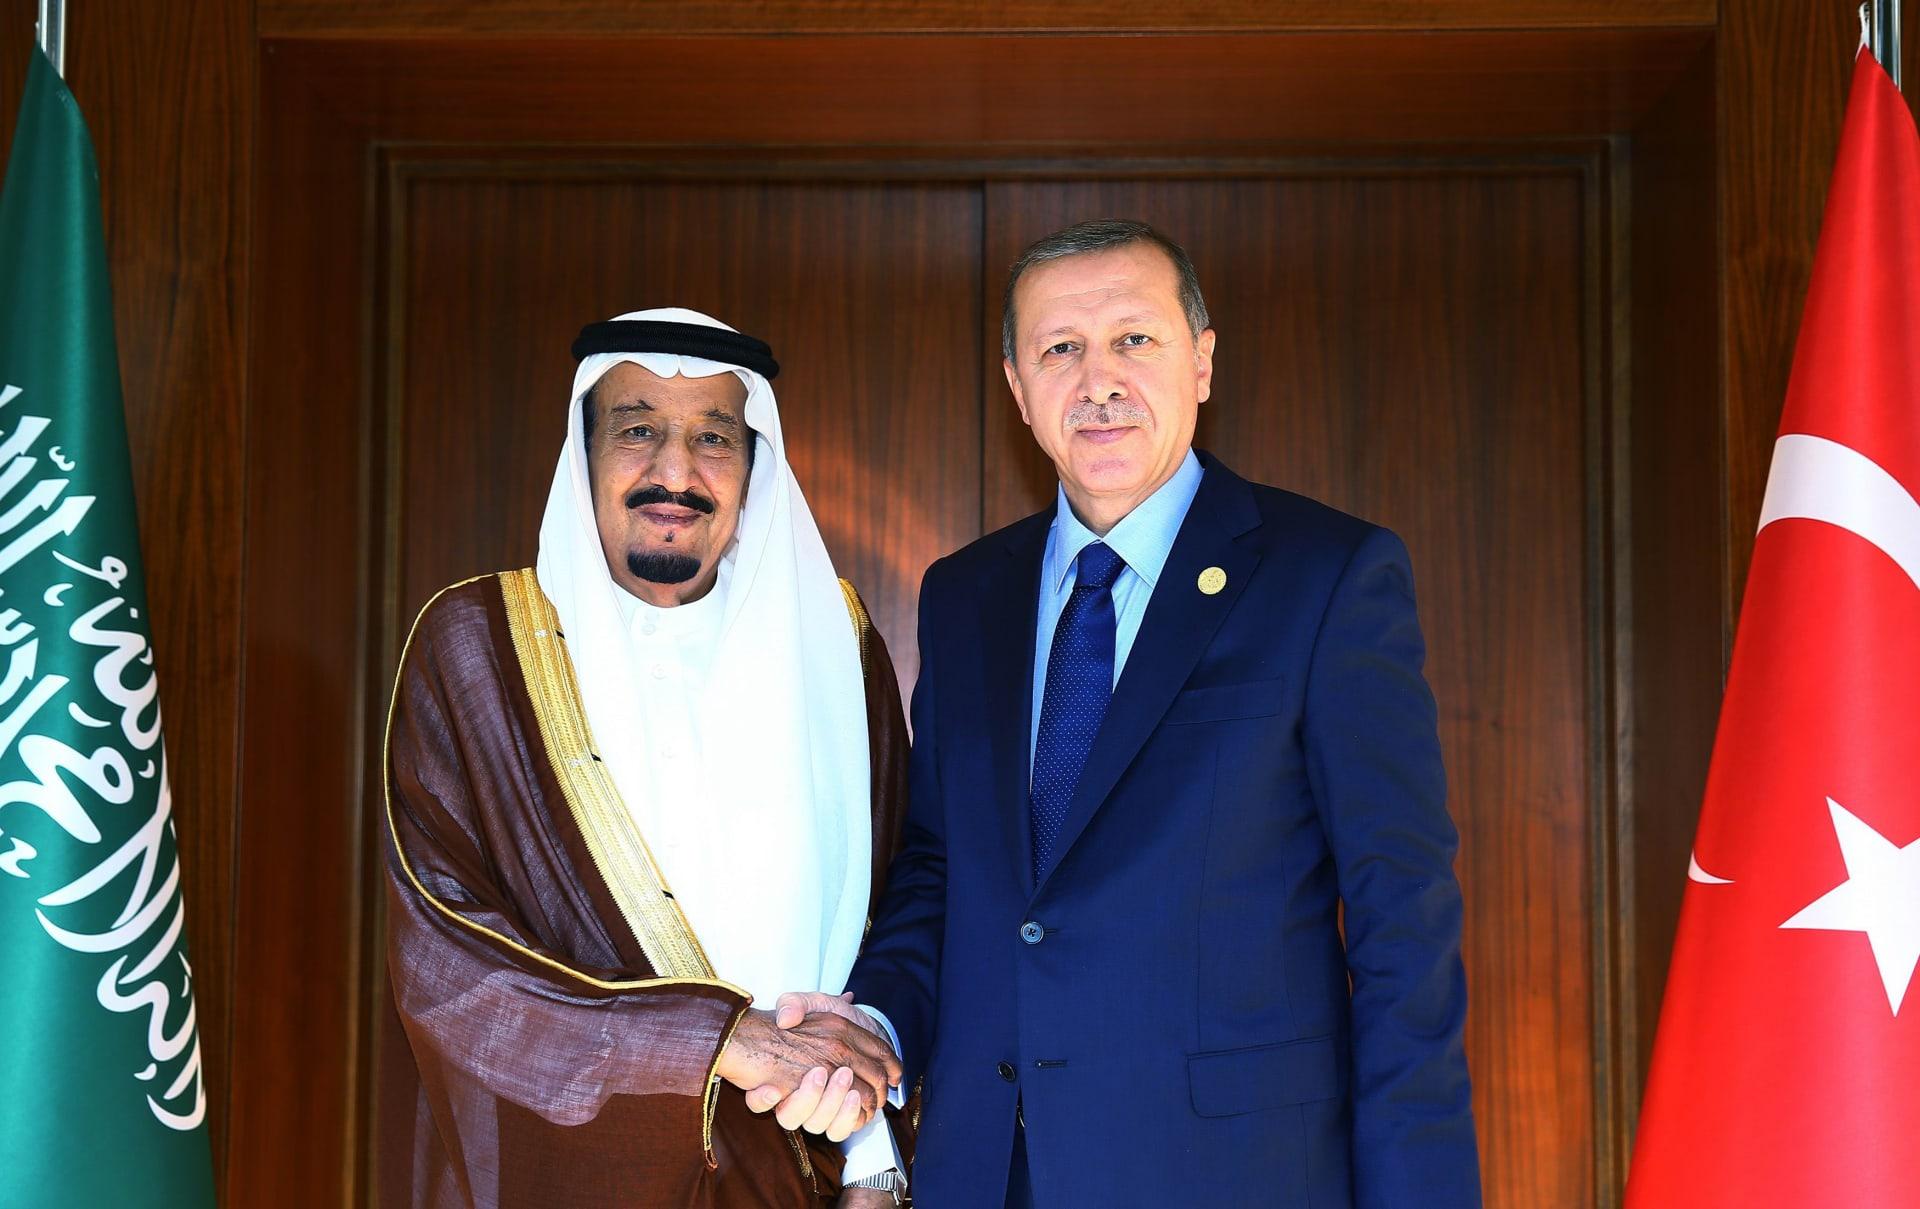 أردوغان يجري اتصالا هاتفيا بالملك سلمان.. فمماذا ناقشا فيه؟